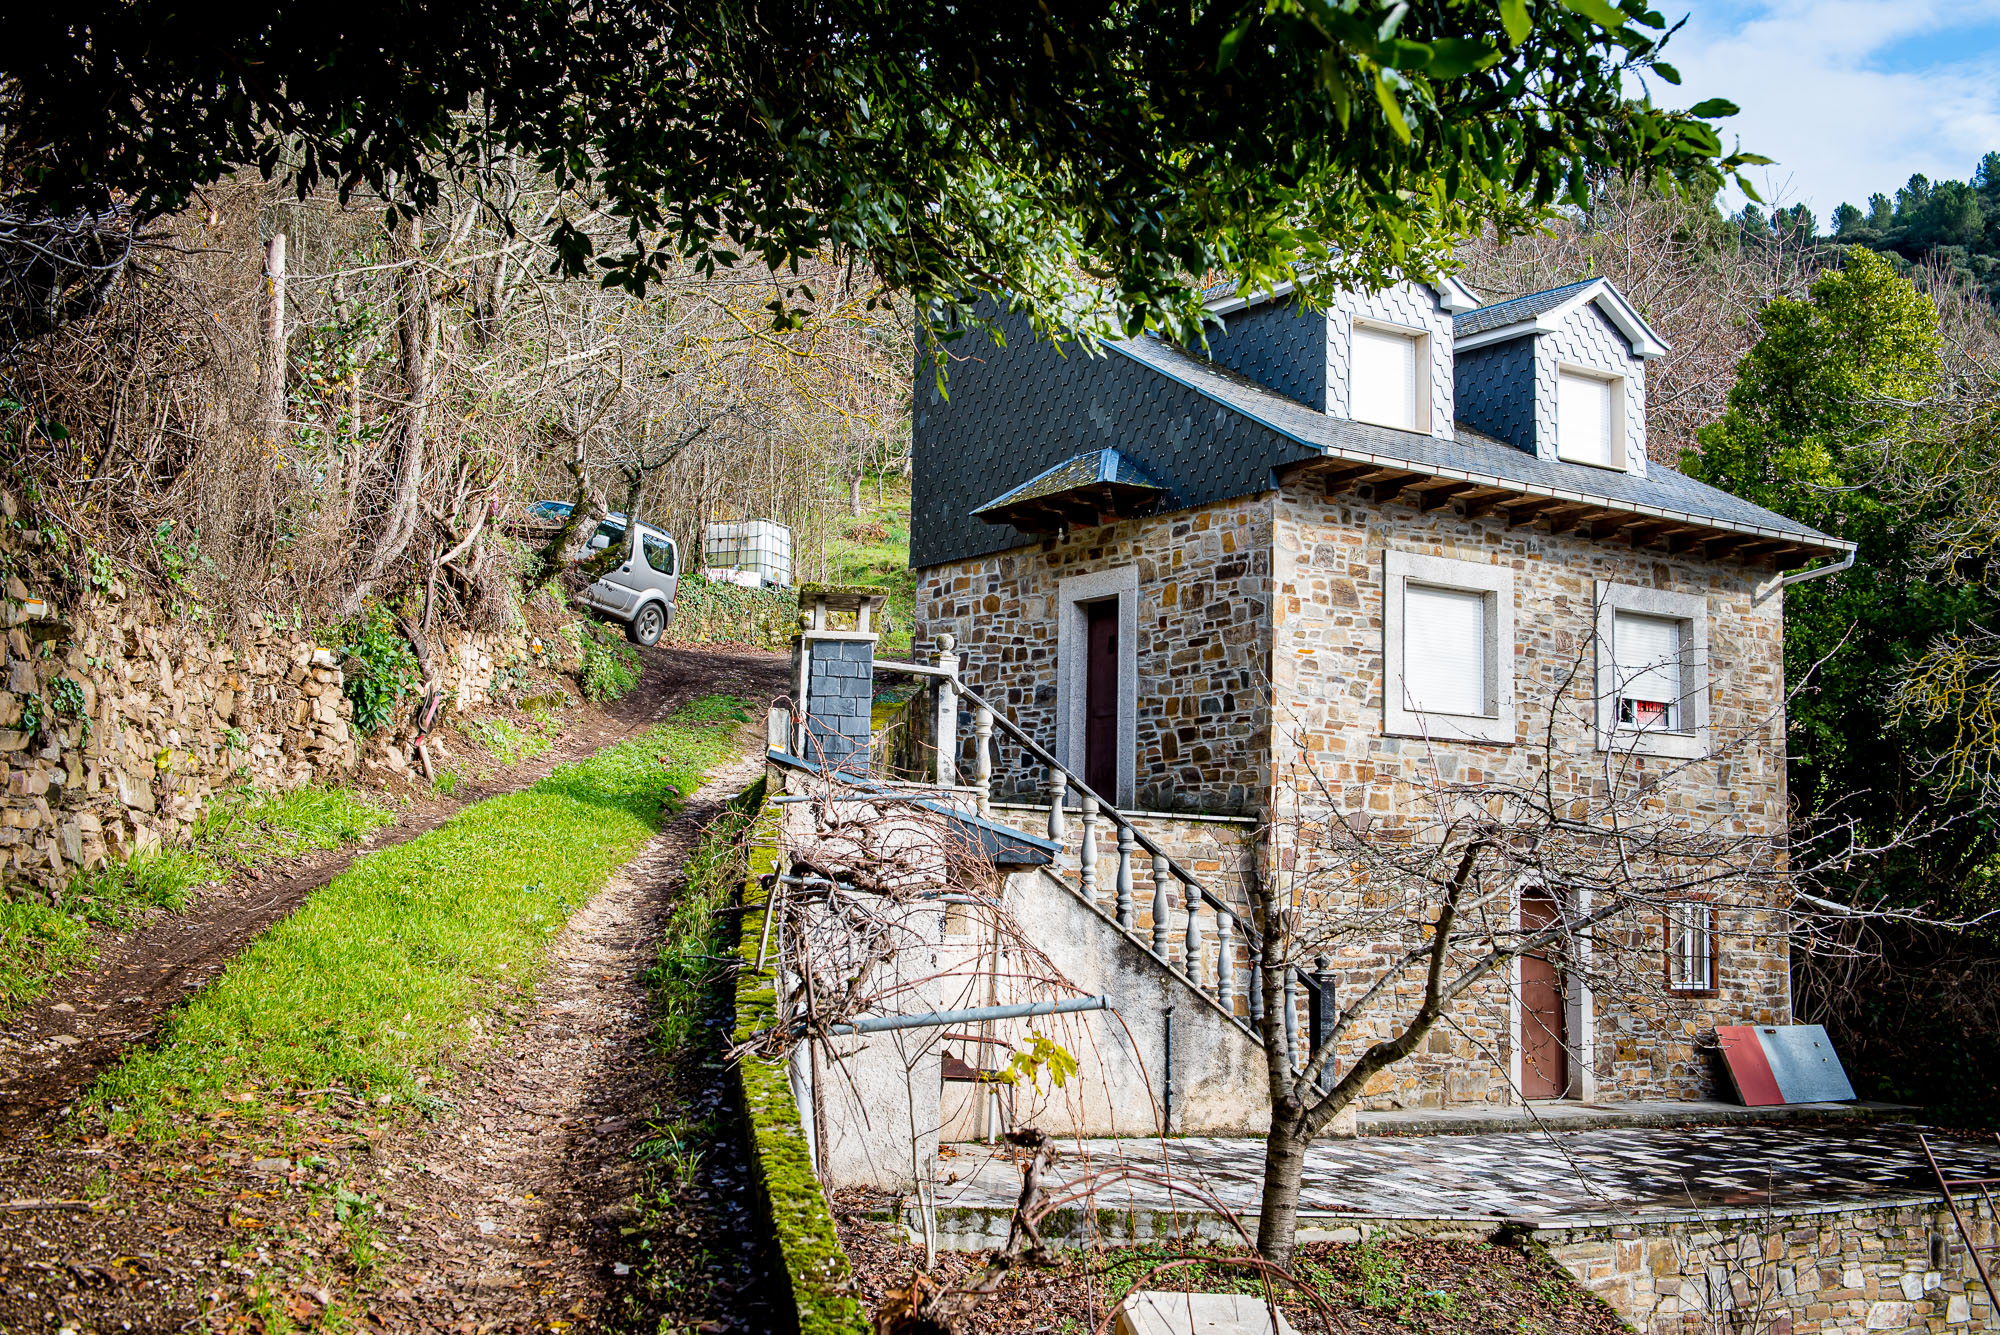 Casa autosuficiente en el campo, en la montaña de Villafranca